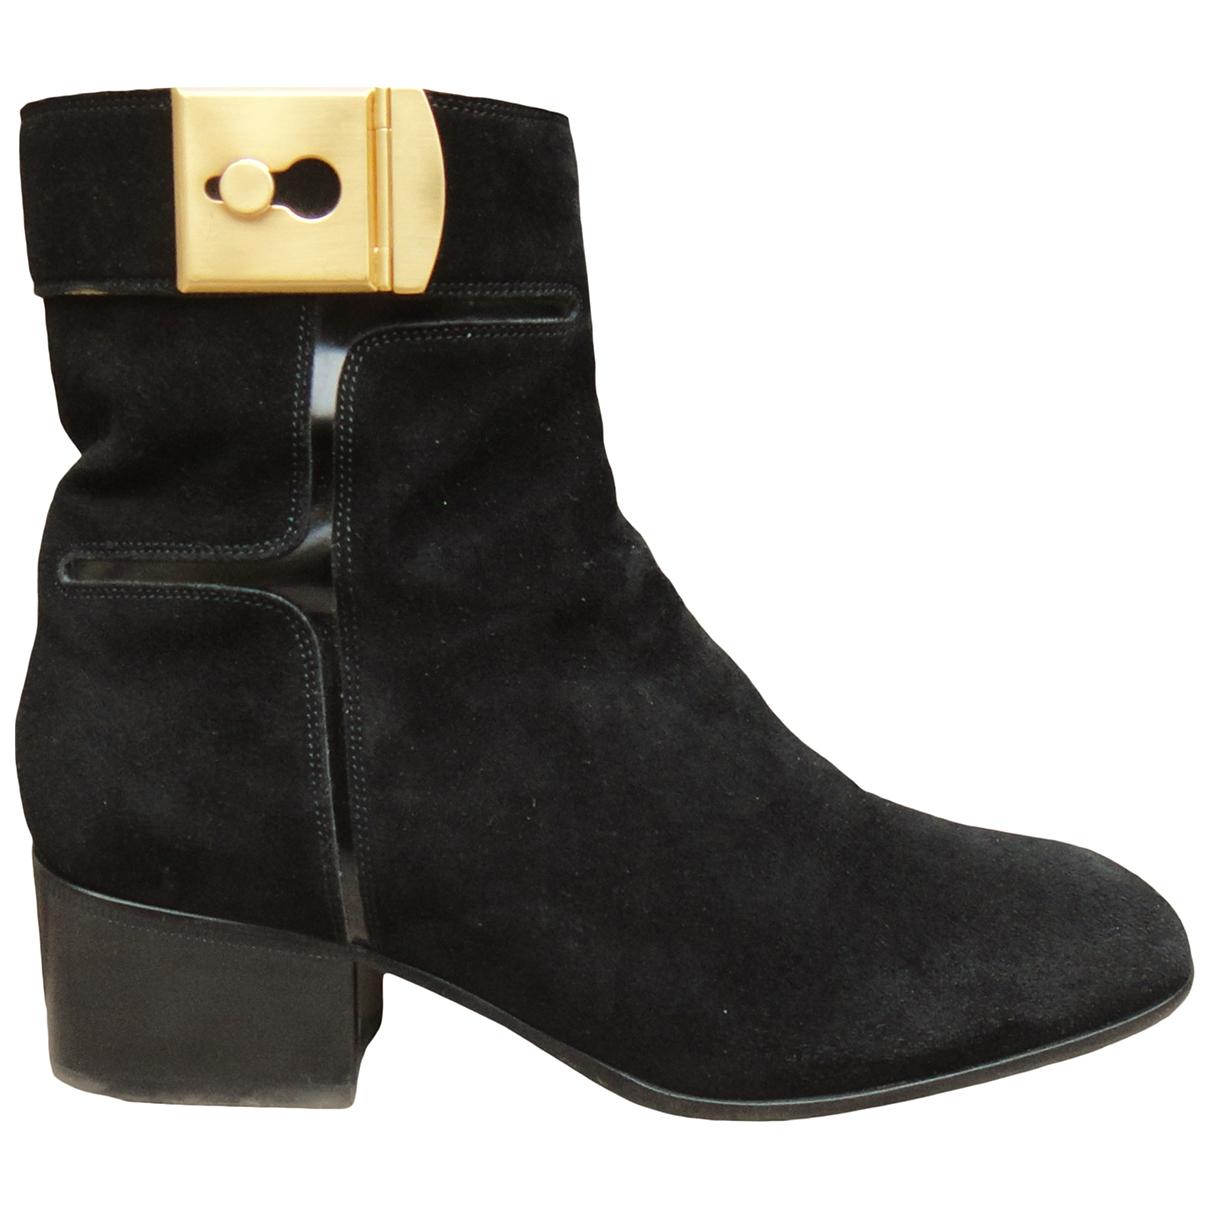 Sartore - Boots   pour femme en suede - noir